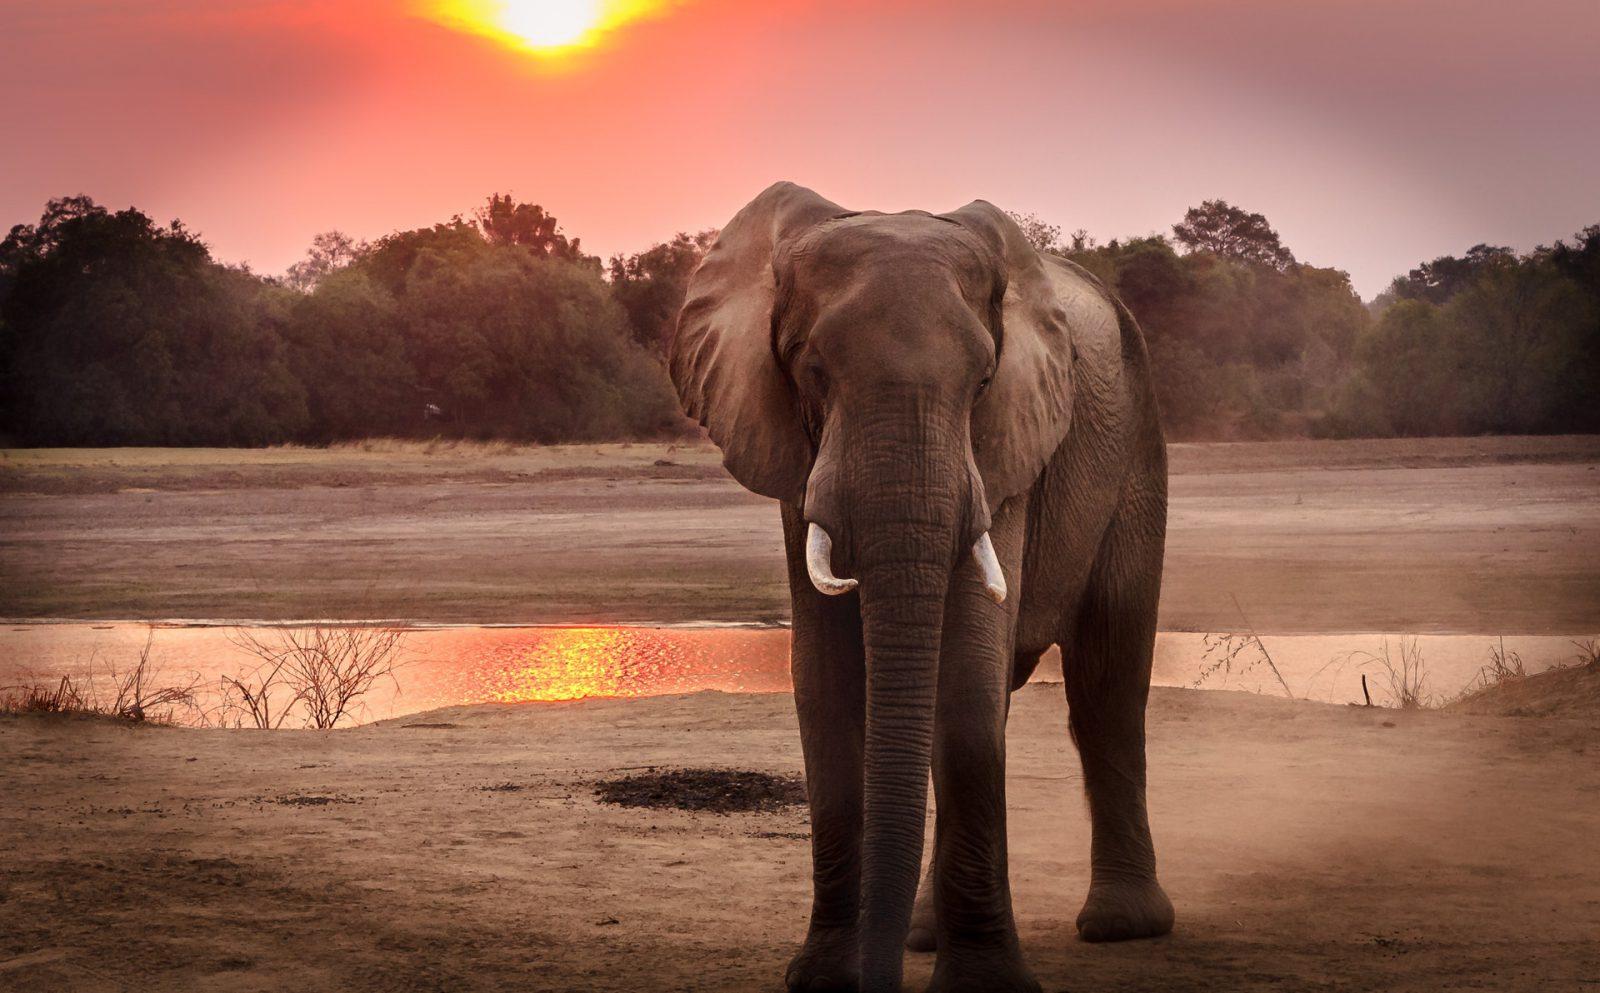 Sonhar com elefante preto indica algo positivo.